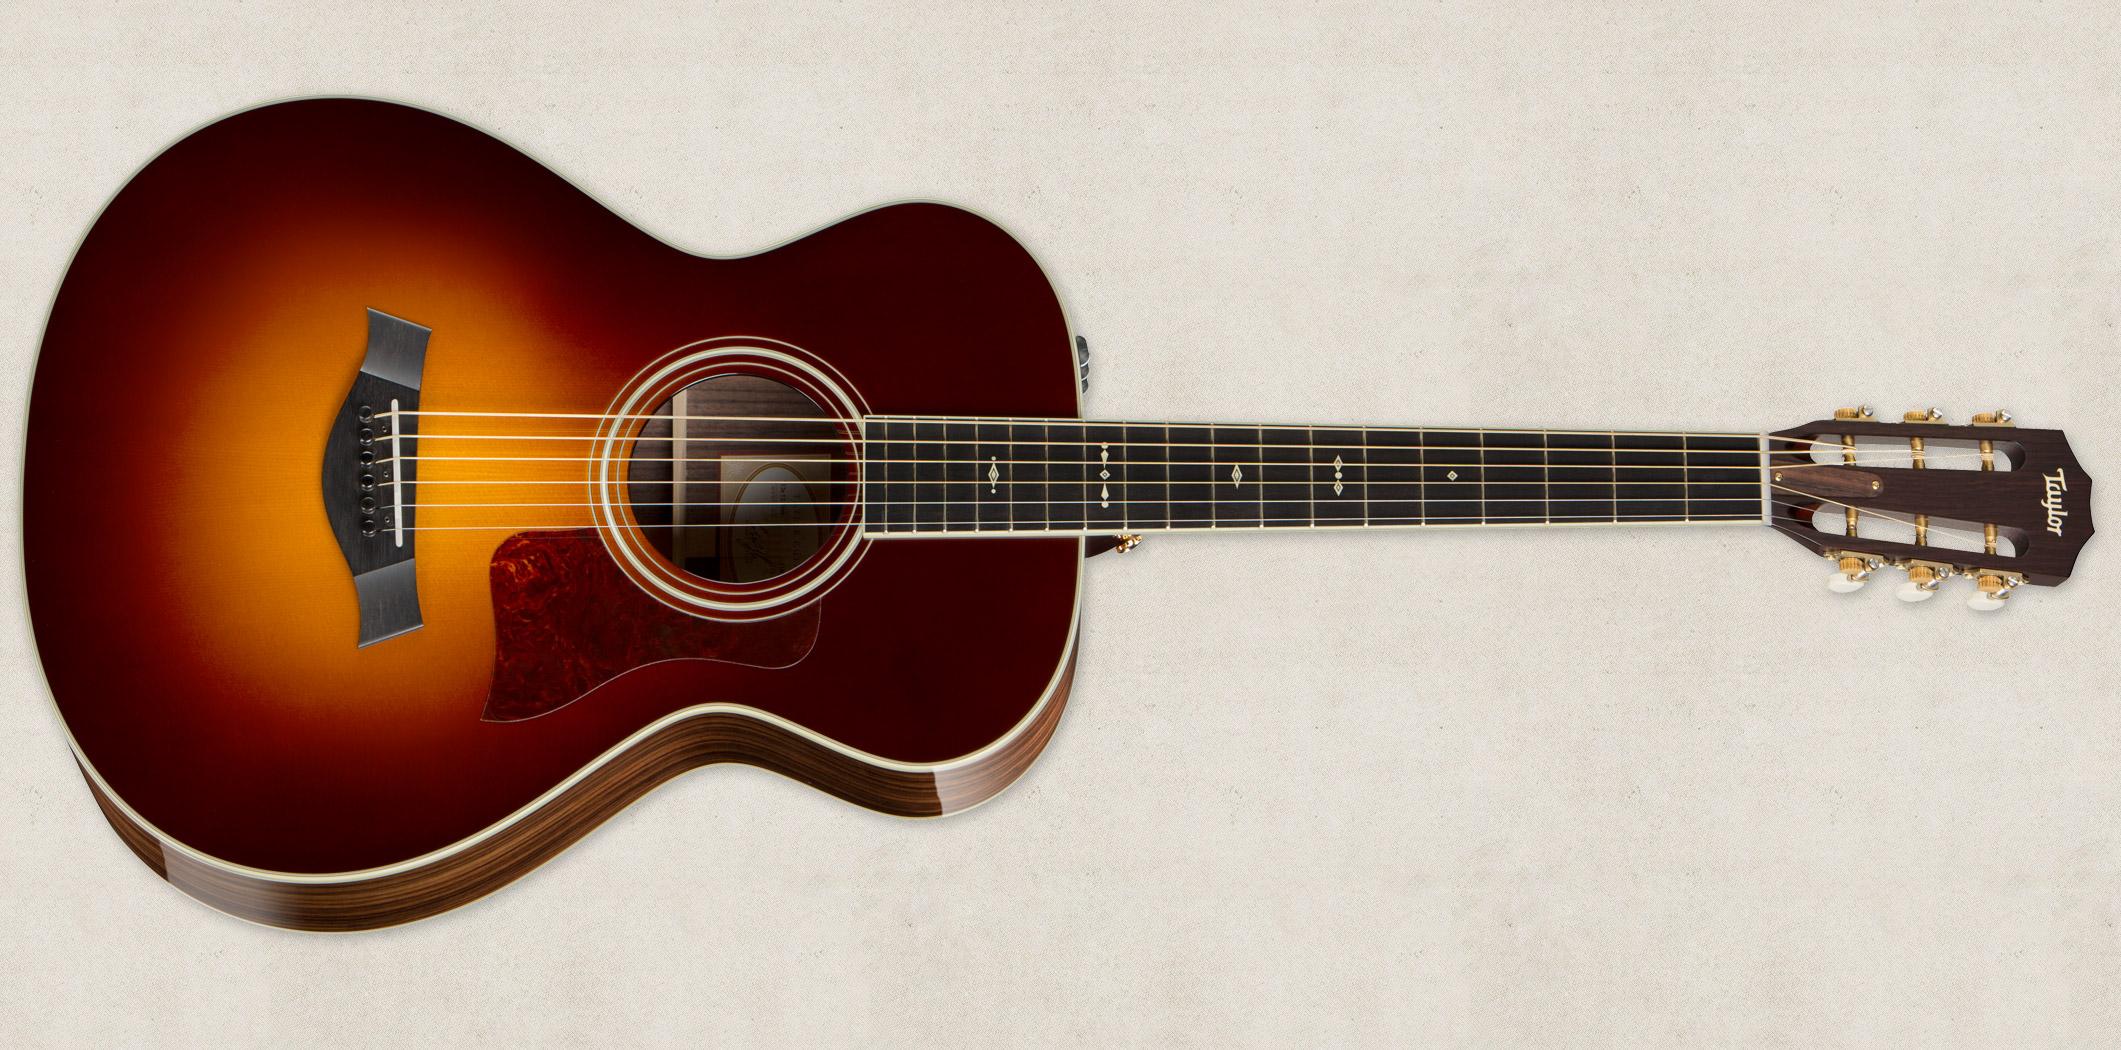 712e 12 fret taylor guitars. Black Bedroom Furniture Sets. Home Design Ideas